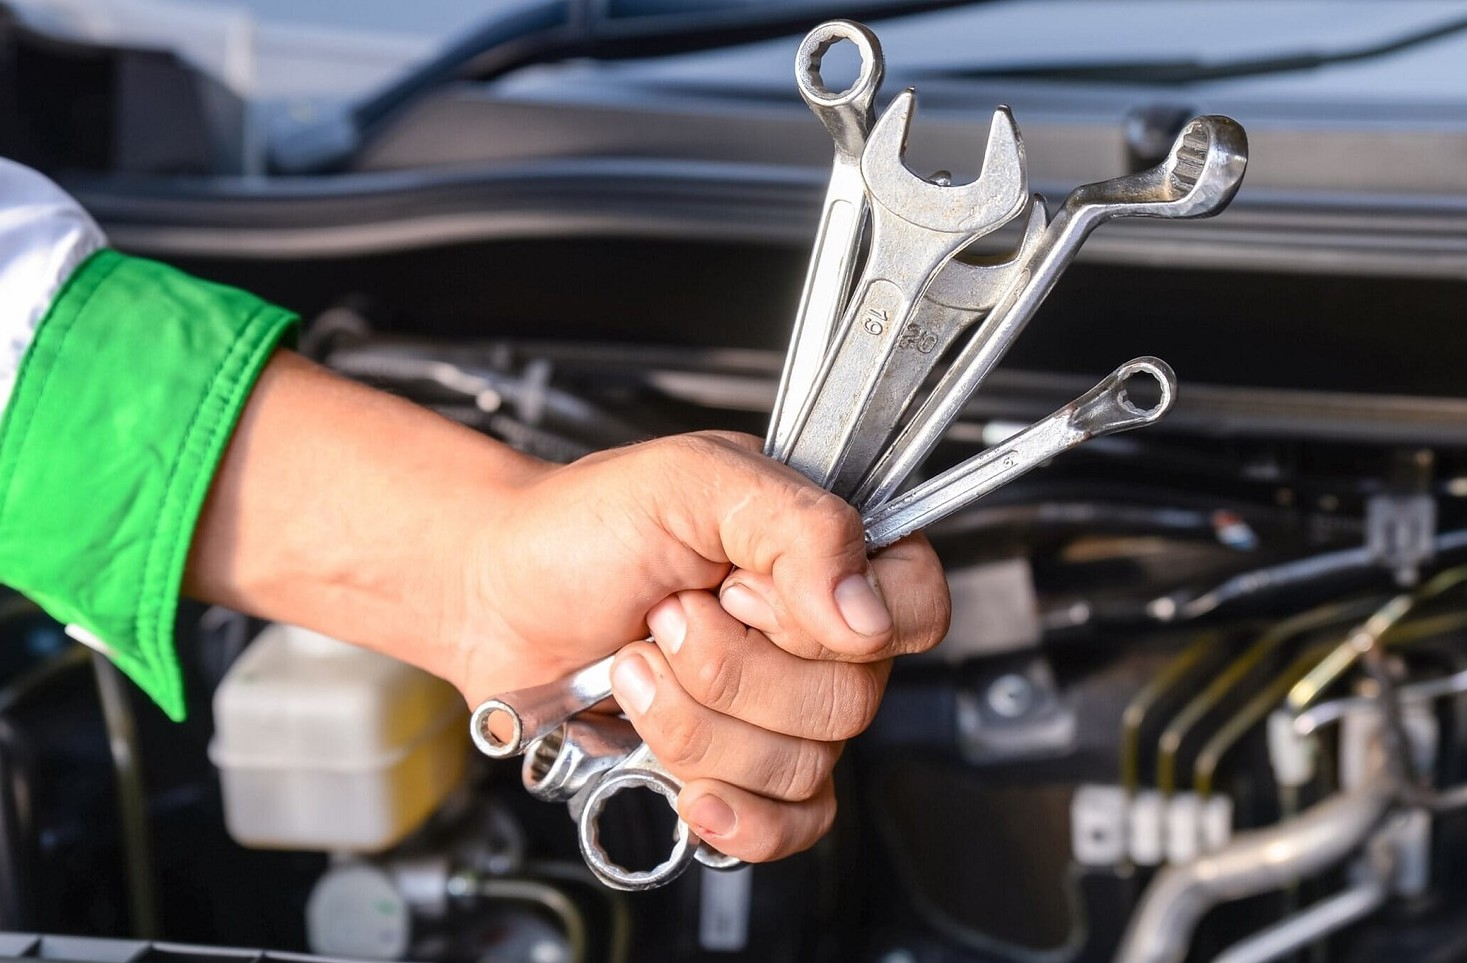 Riparazione auto e manutenzione, ecco i